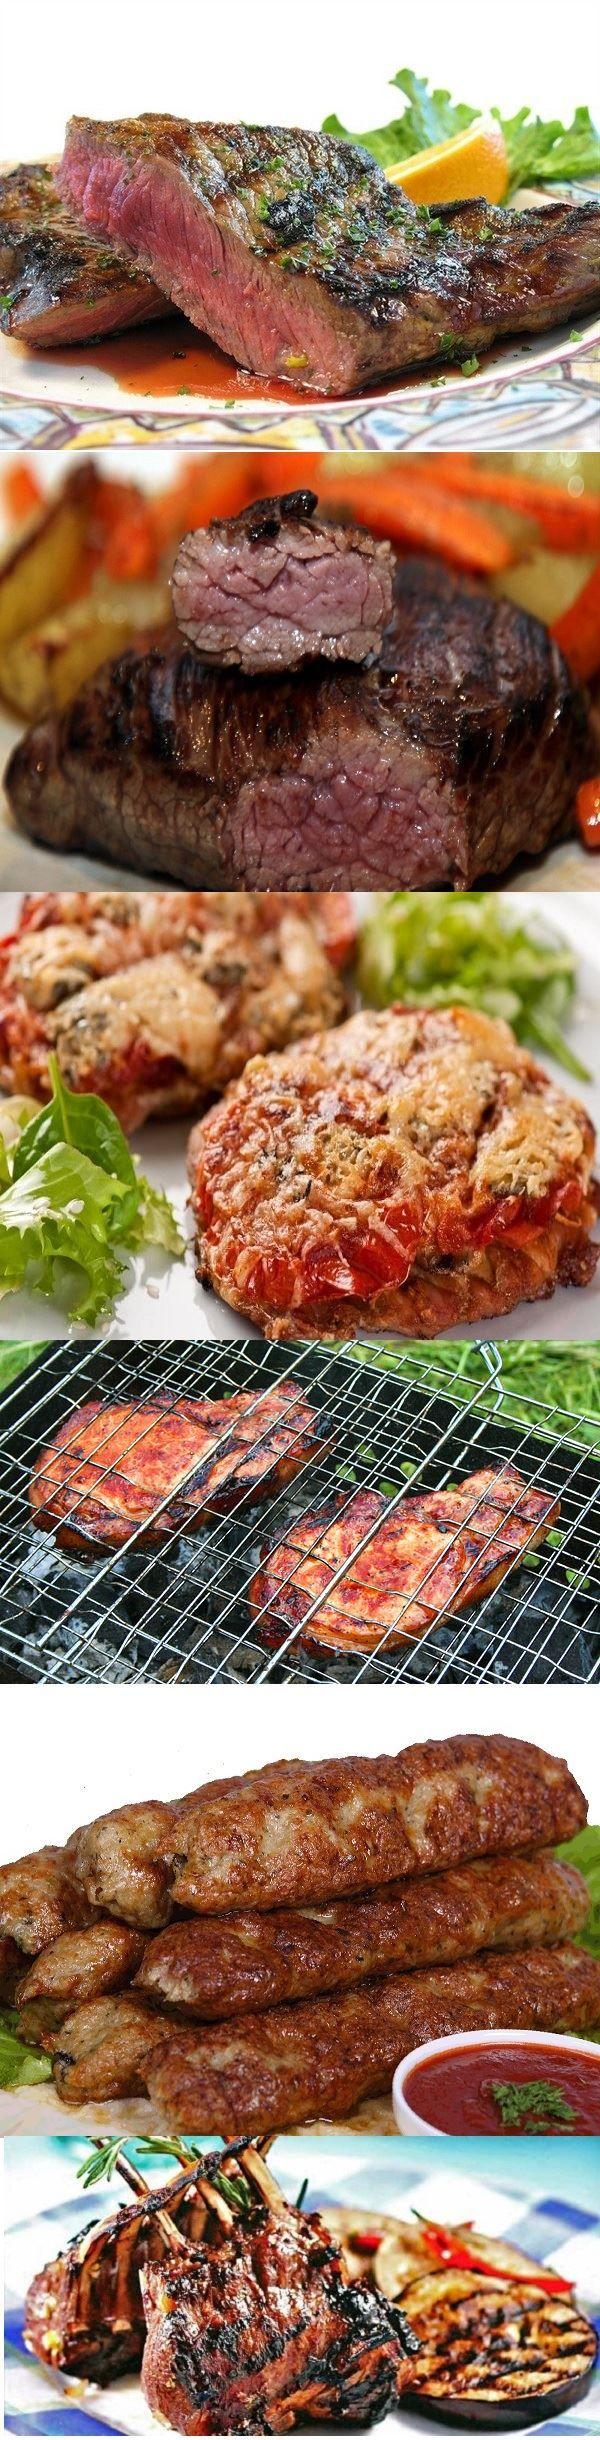 Шесть рецептов мяса на гриле   Нет высшего удовольствия, чем собраться компанией на лоне природы и пожарить мясо над весело пляшущим огоньком.